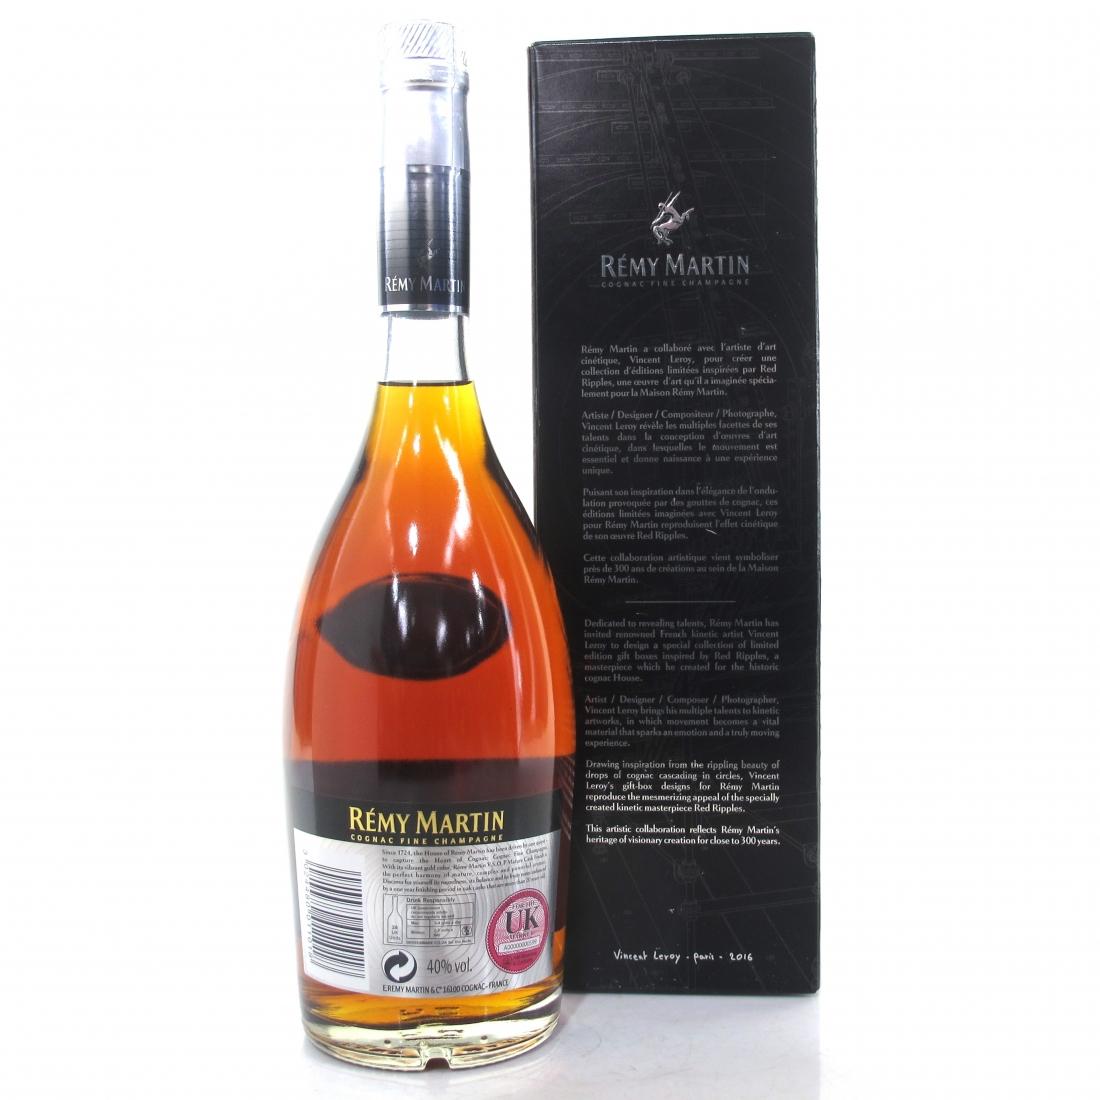 Remy Martin VSOP Cognac / Vincent Leroy Edition